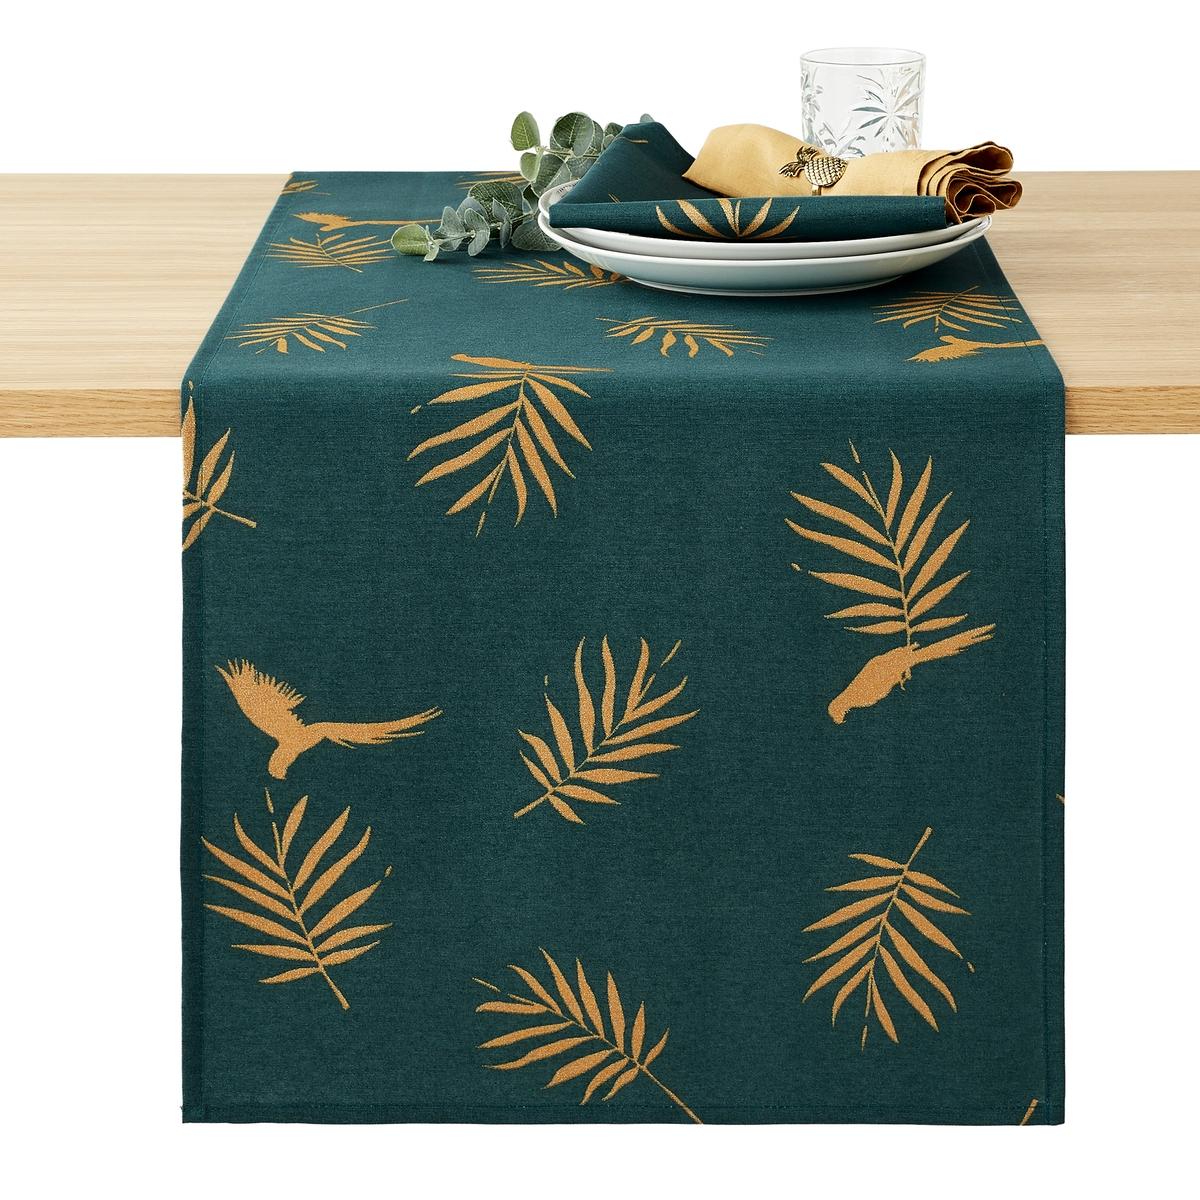 купить Дорожка La Redoute Столовая с рисунком и обработкой против пятен Cancun 45 x 150 см зеленый дешево